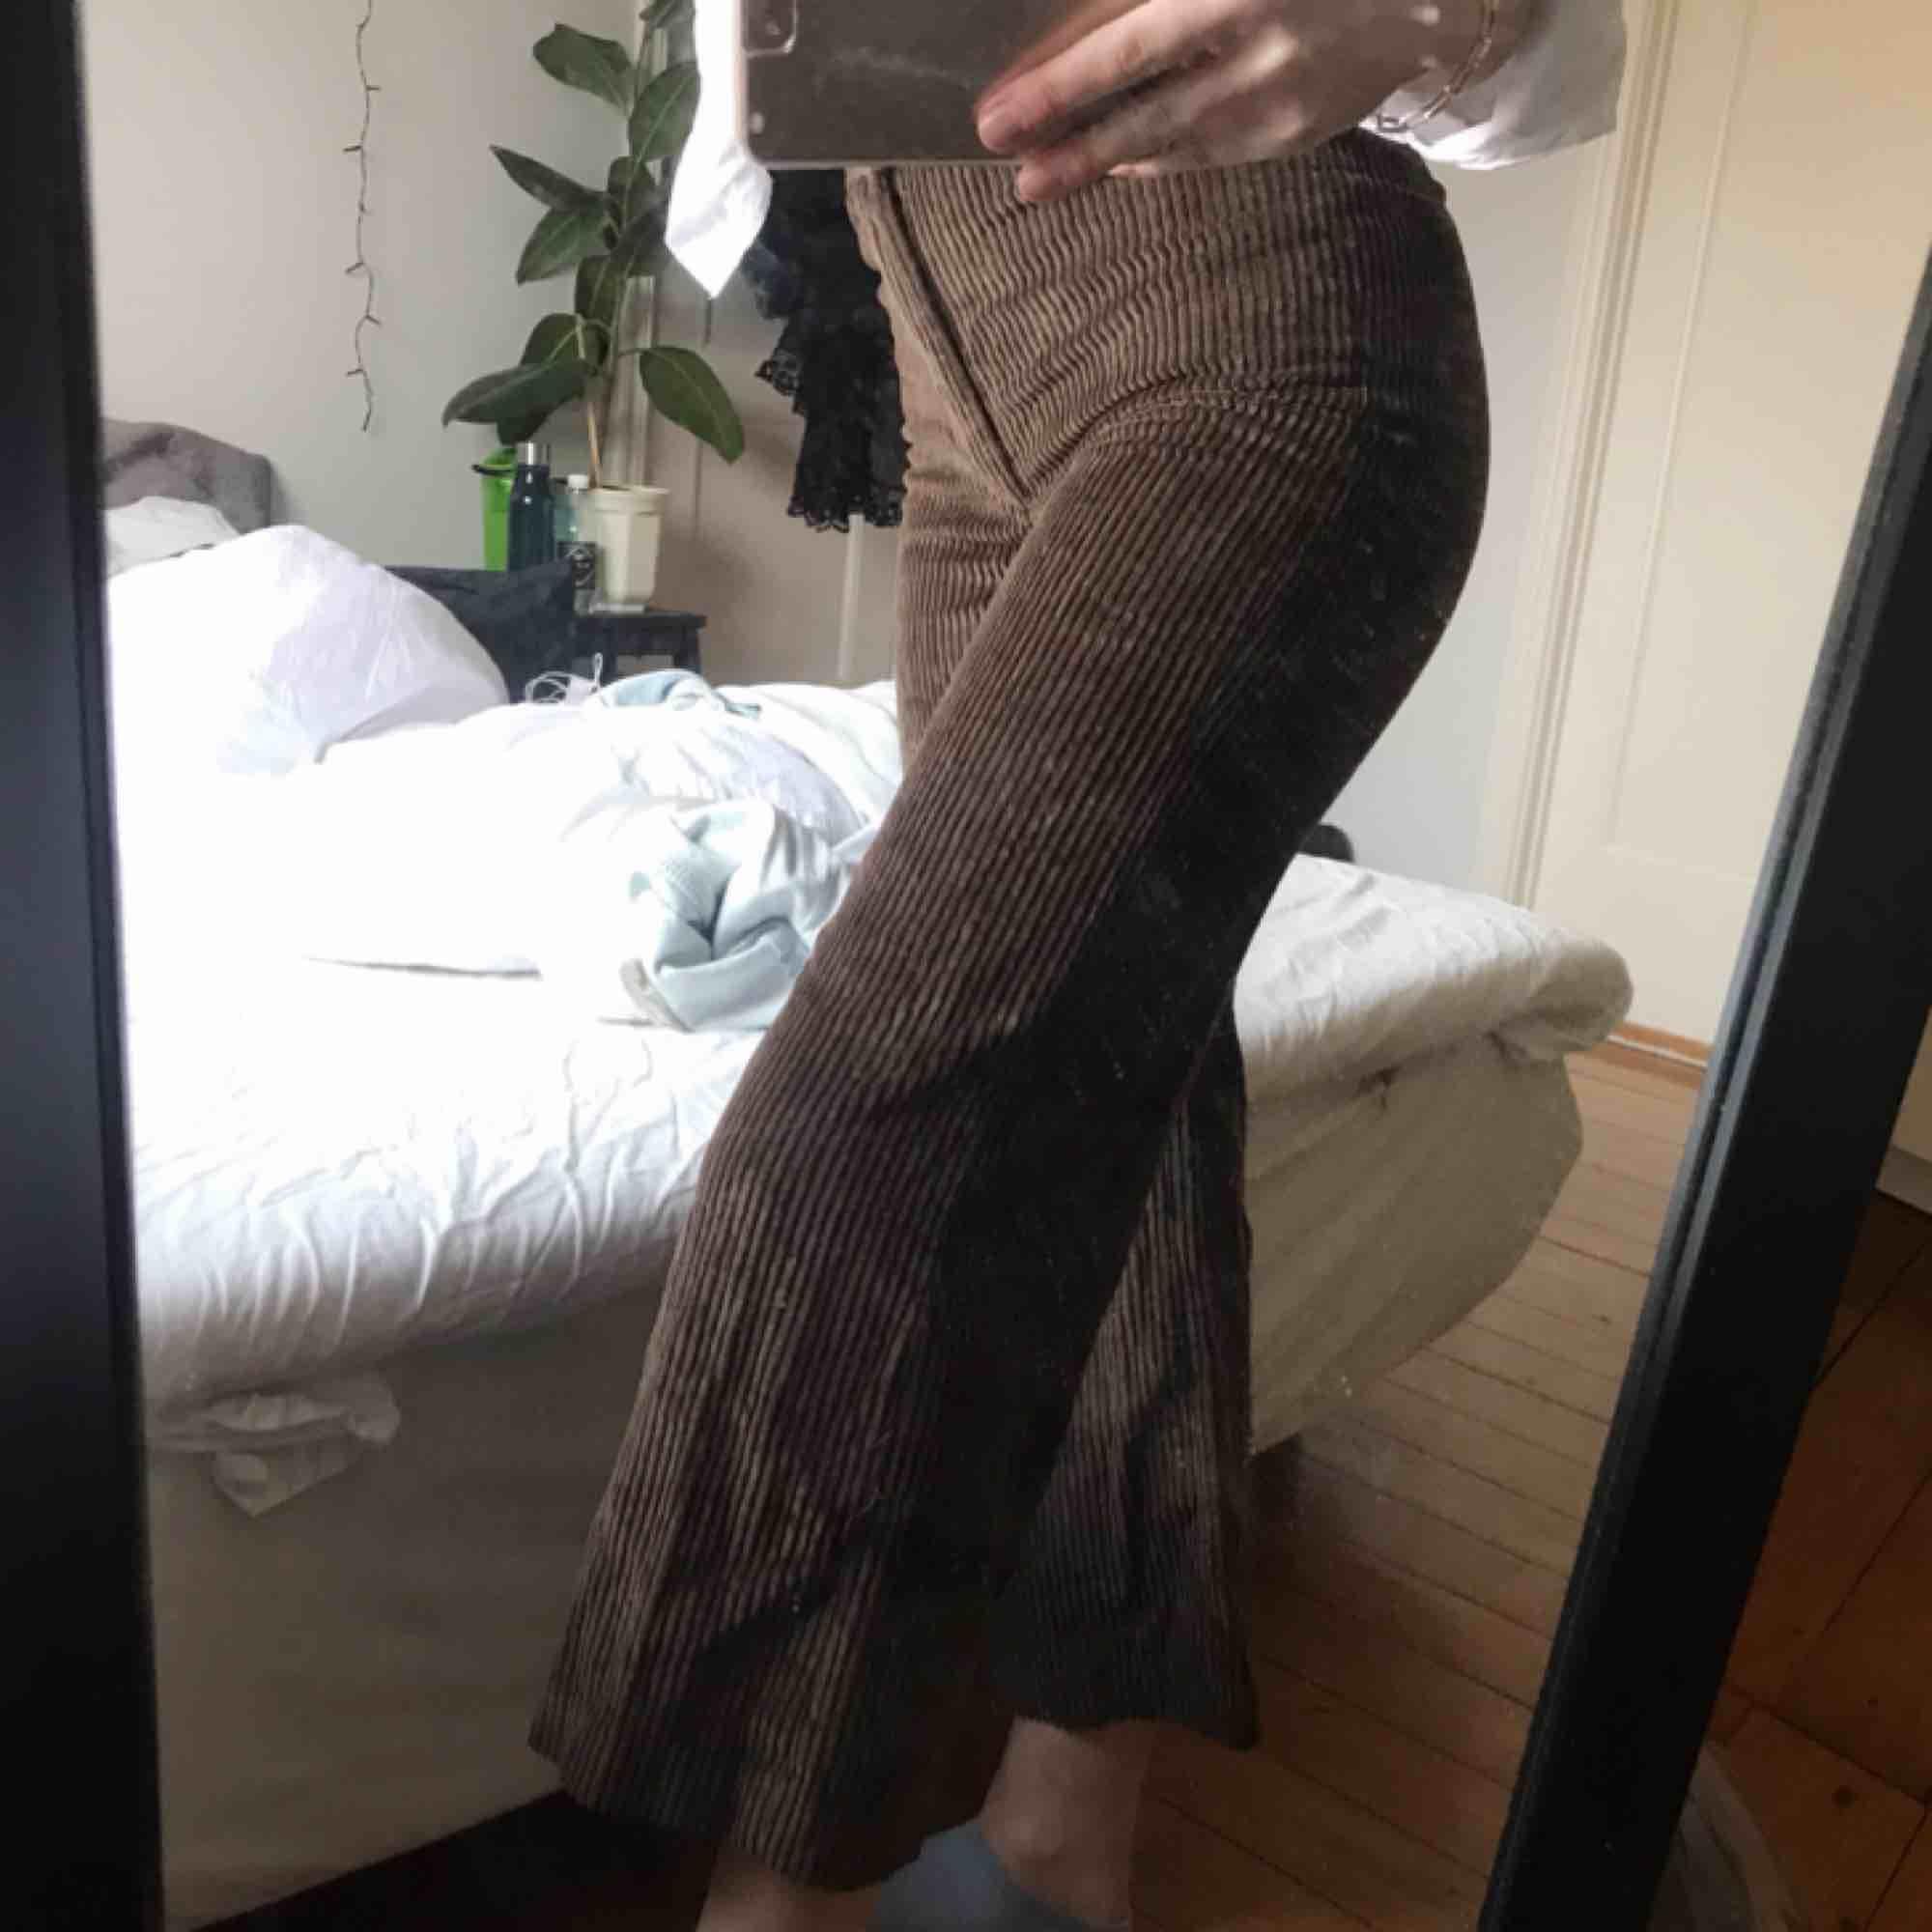 Säljer mina bruna manchester byxor från Zara, Jag är 167 cm lång och dem är lite korta. Dom är högmidjade och sitter tajt över rumpan och låren men är raka till foten (se bild 2). Köparen står för frakt (priset kan diskuteras vid snabb affär). Jeans & Byxor.